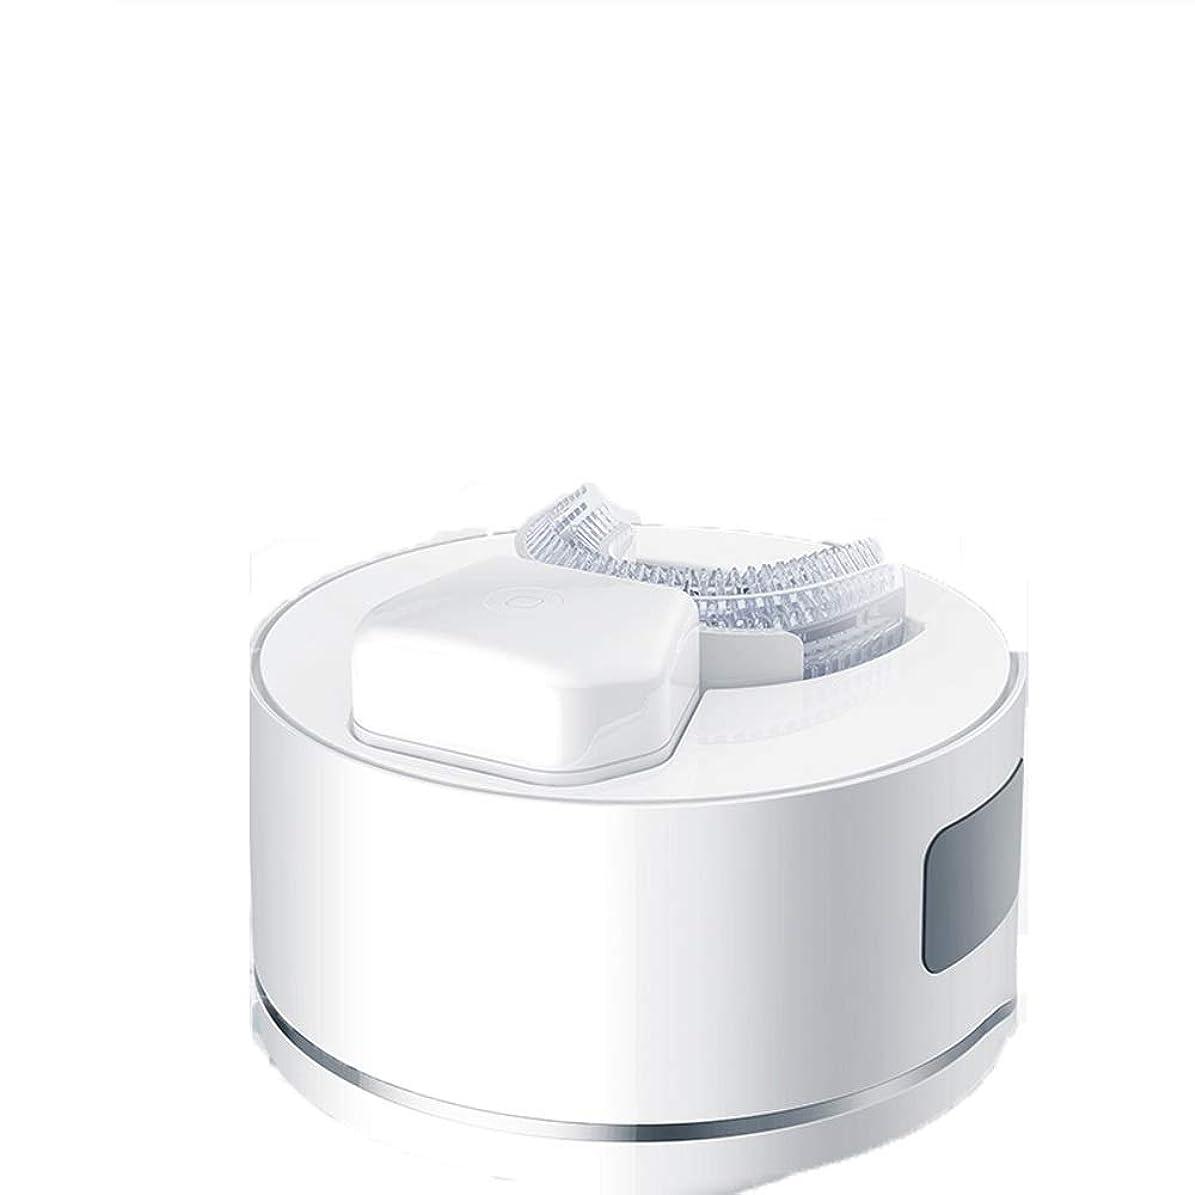 状況もし著名なWen Ying 大人の自動U型電動歯ブラシインテリジェント超音波ブレースタイプ電動歯ブラシヘッド柔らかい髪 電動歯ブラシ